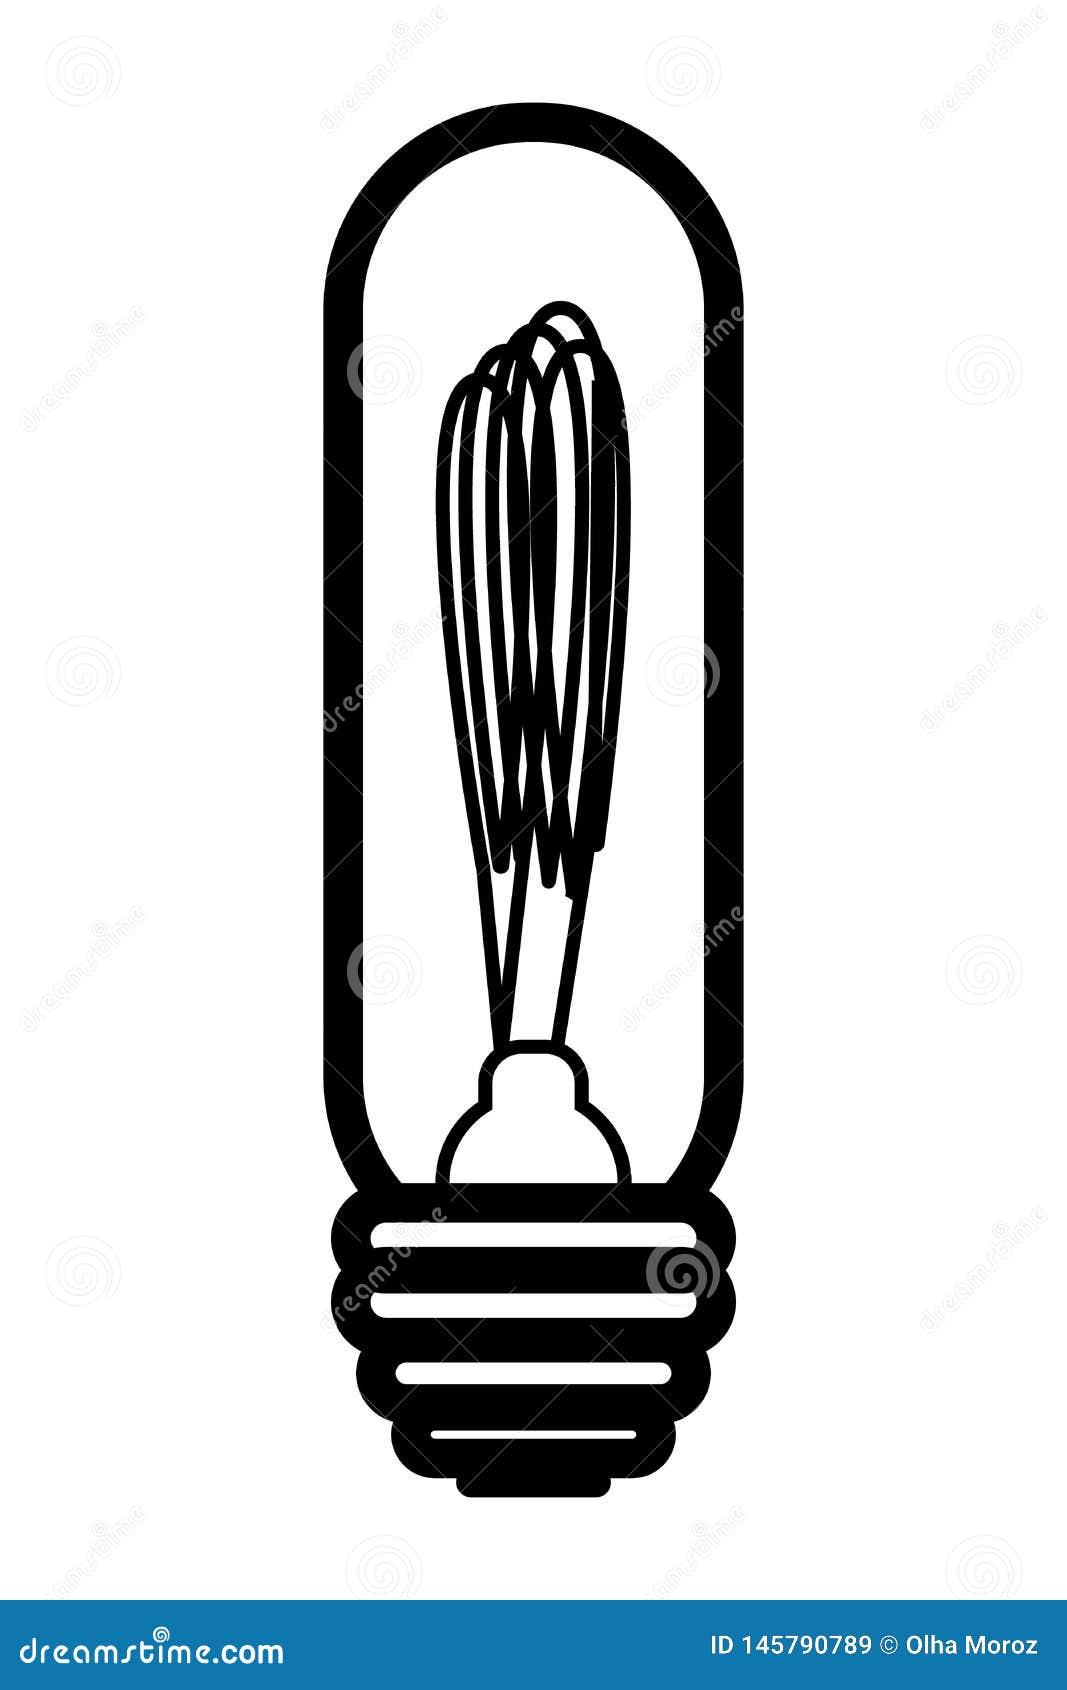 Edison-Lampe Vektorillustration in der Offlineart